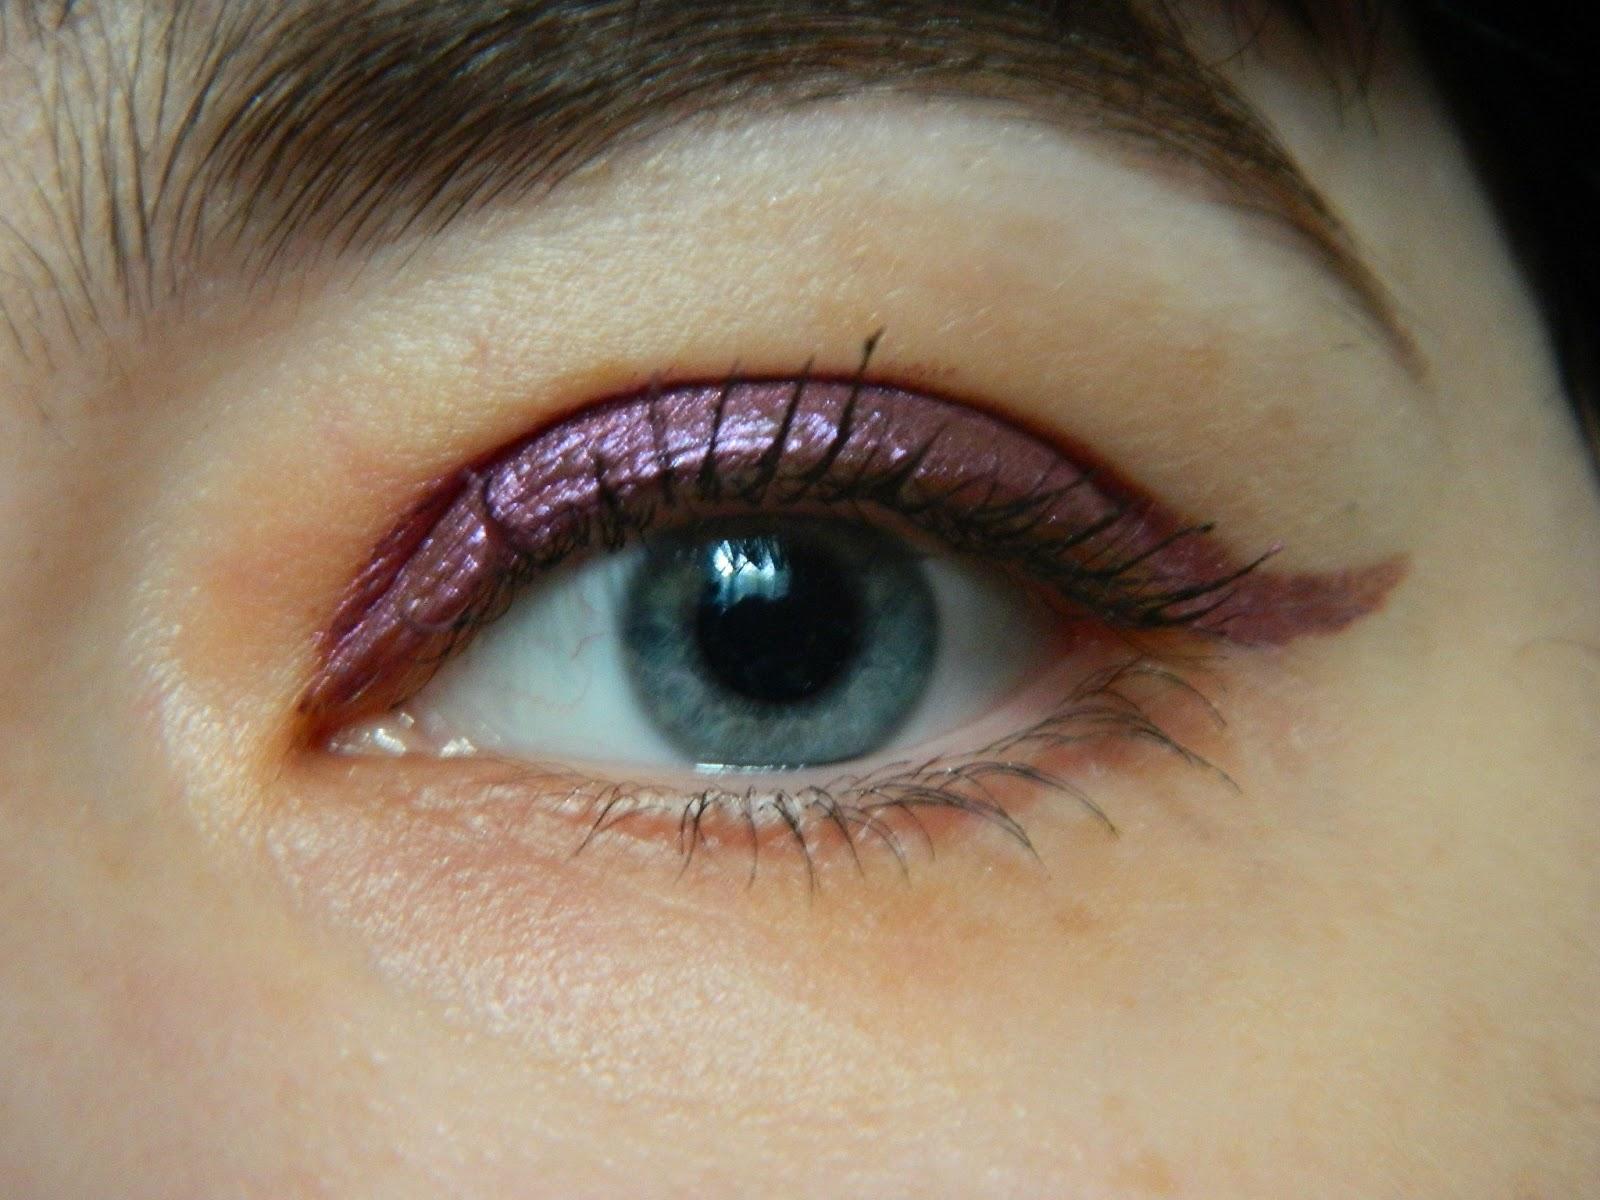 Теперь что касается самих теней. Я выбрала очень красивый оттенок 275  Cosmic  красновато-фиолетовый. Пользоваться продуктом легко  нанести с  помощью плотно ... 081905632cdda